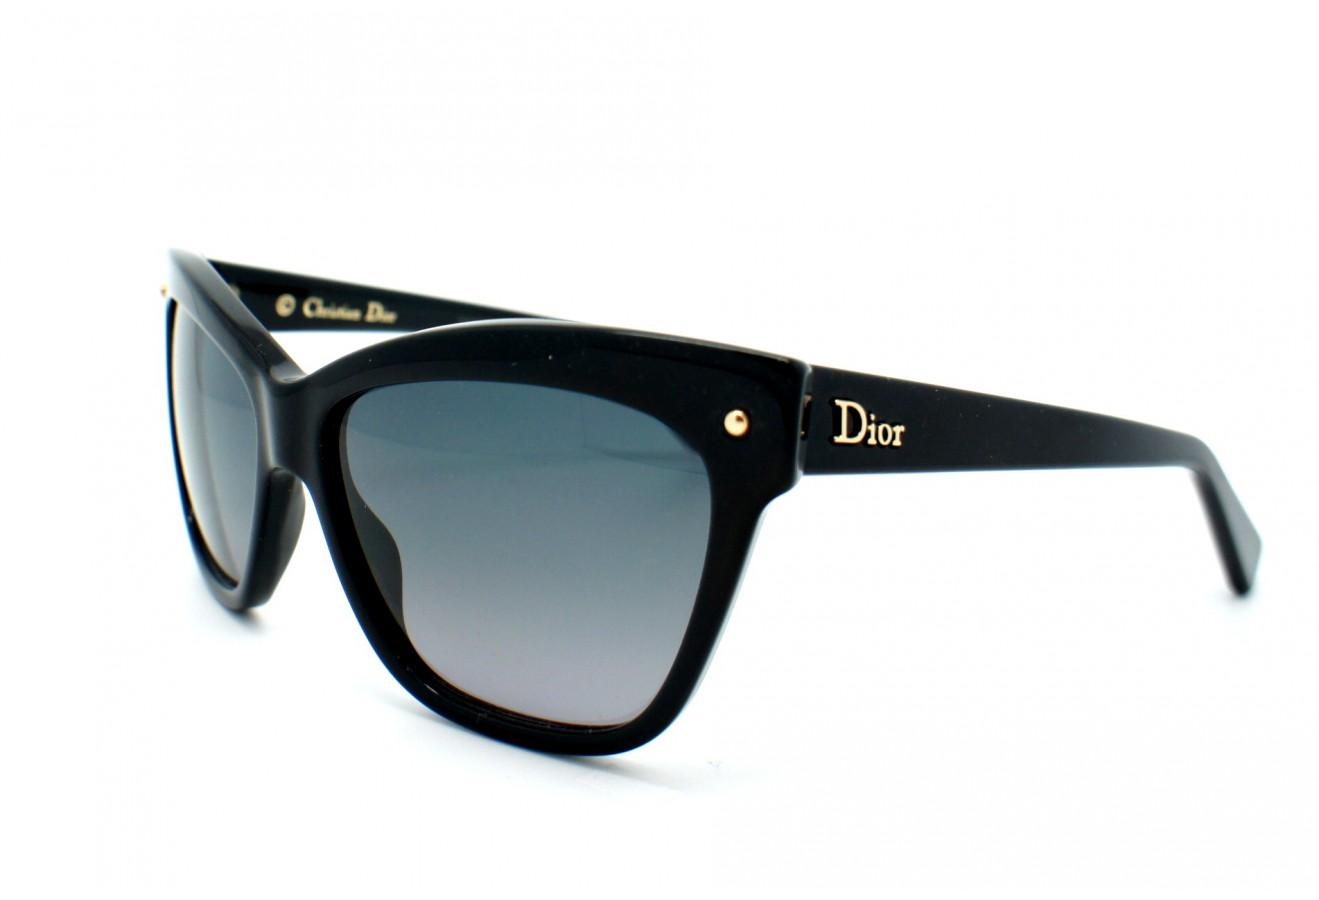 lunettes de soleil dior dior jupon 2 807 hd 55 15. Black Bedroom Furniture Sets. Home Design Ideas